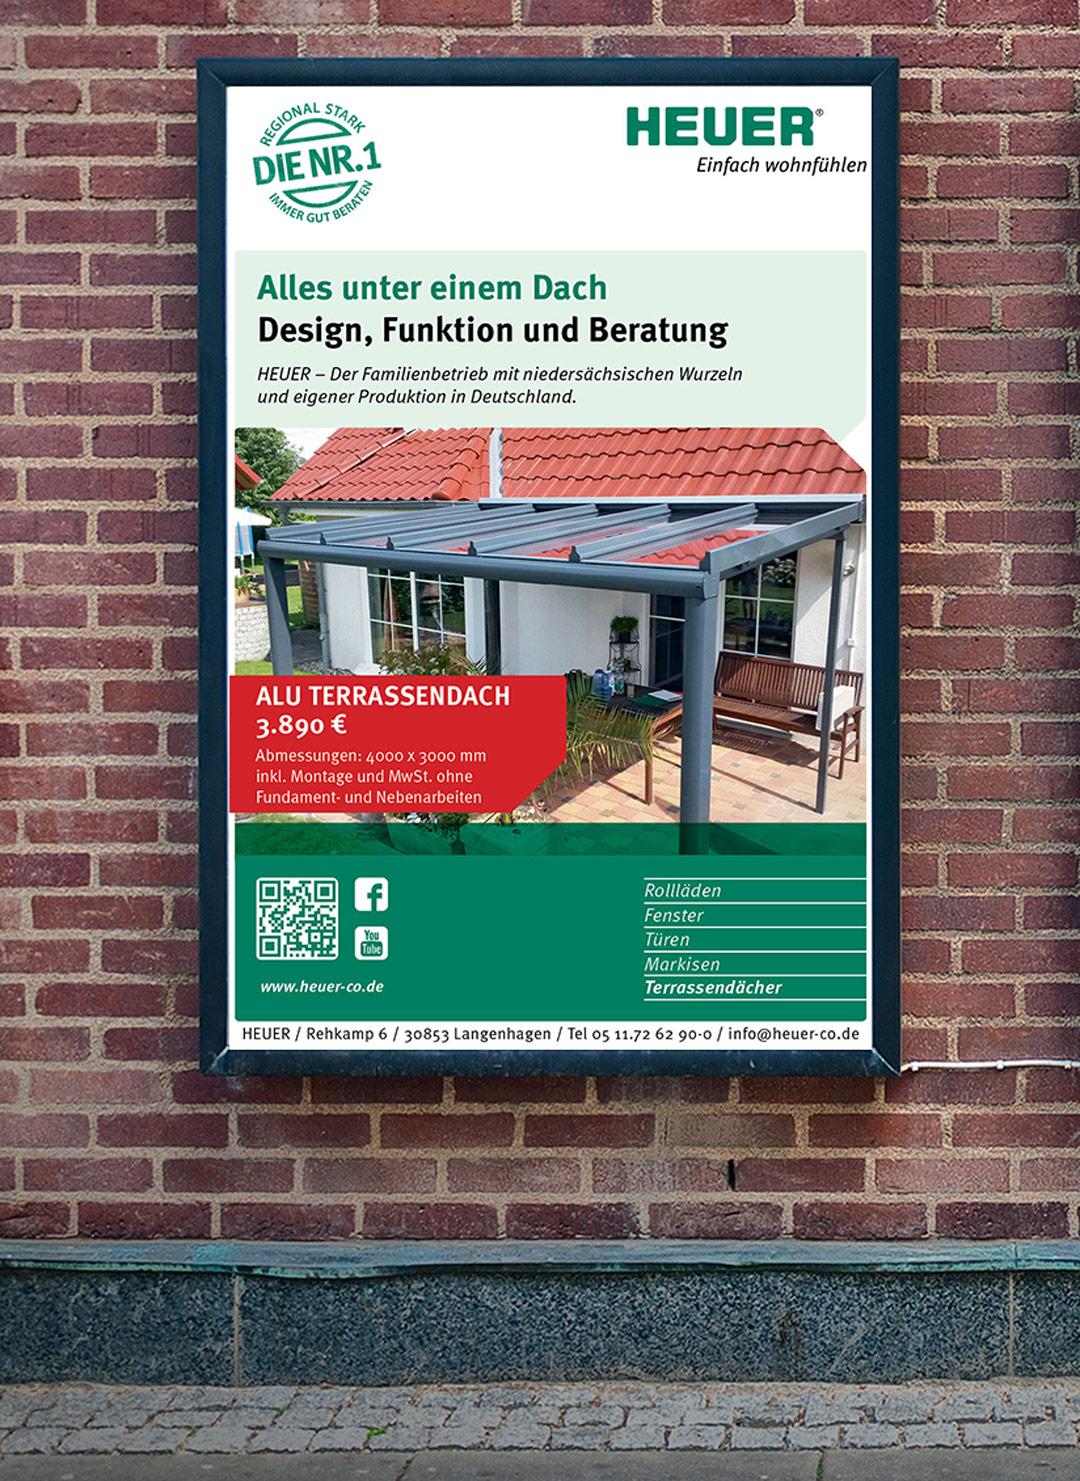 Terrassendach Sonderaktion / Aktion 2019 - Hannover / Barsinghausen / Garbsen / Hildesheim / Isernhagen / Laatzen / Lauenau / Lehrte / Nienburg / Nienstädt / Ronnenberg / Uetze / Wedemark / Wunstorf / Celle